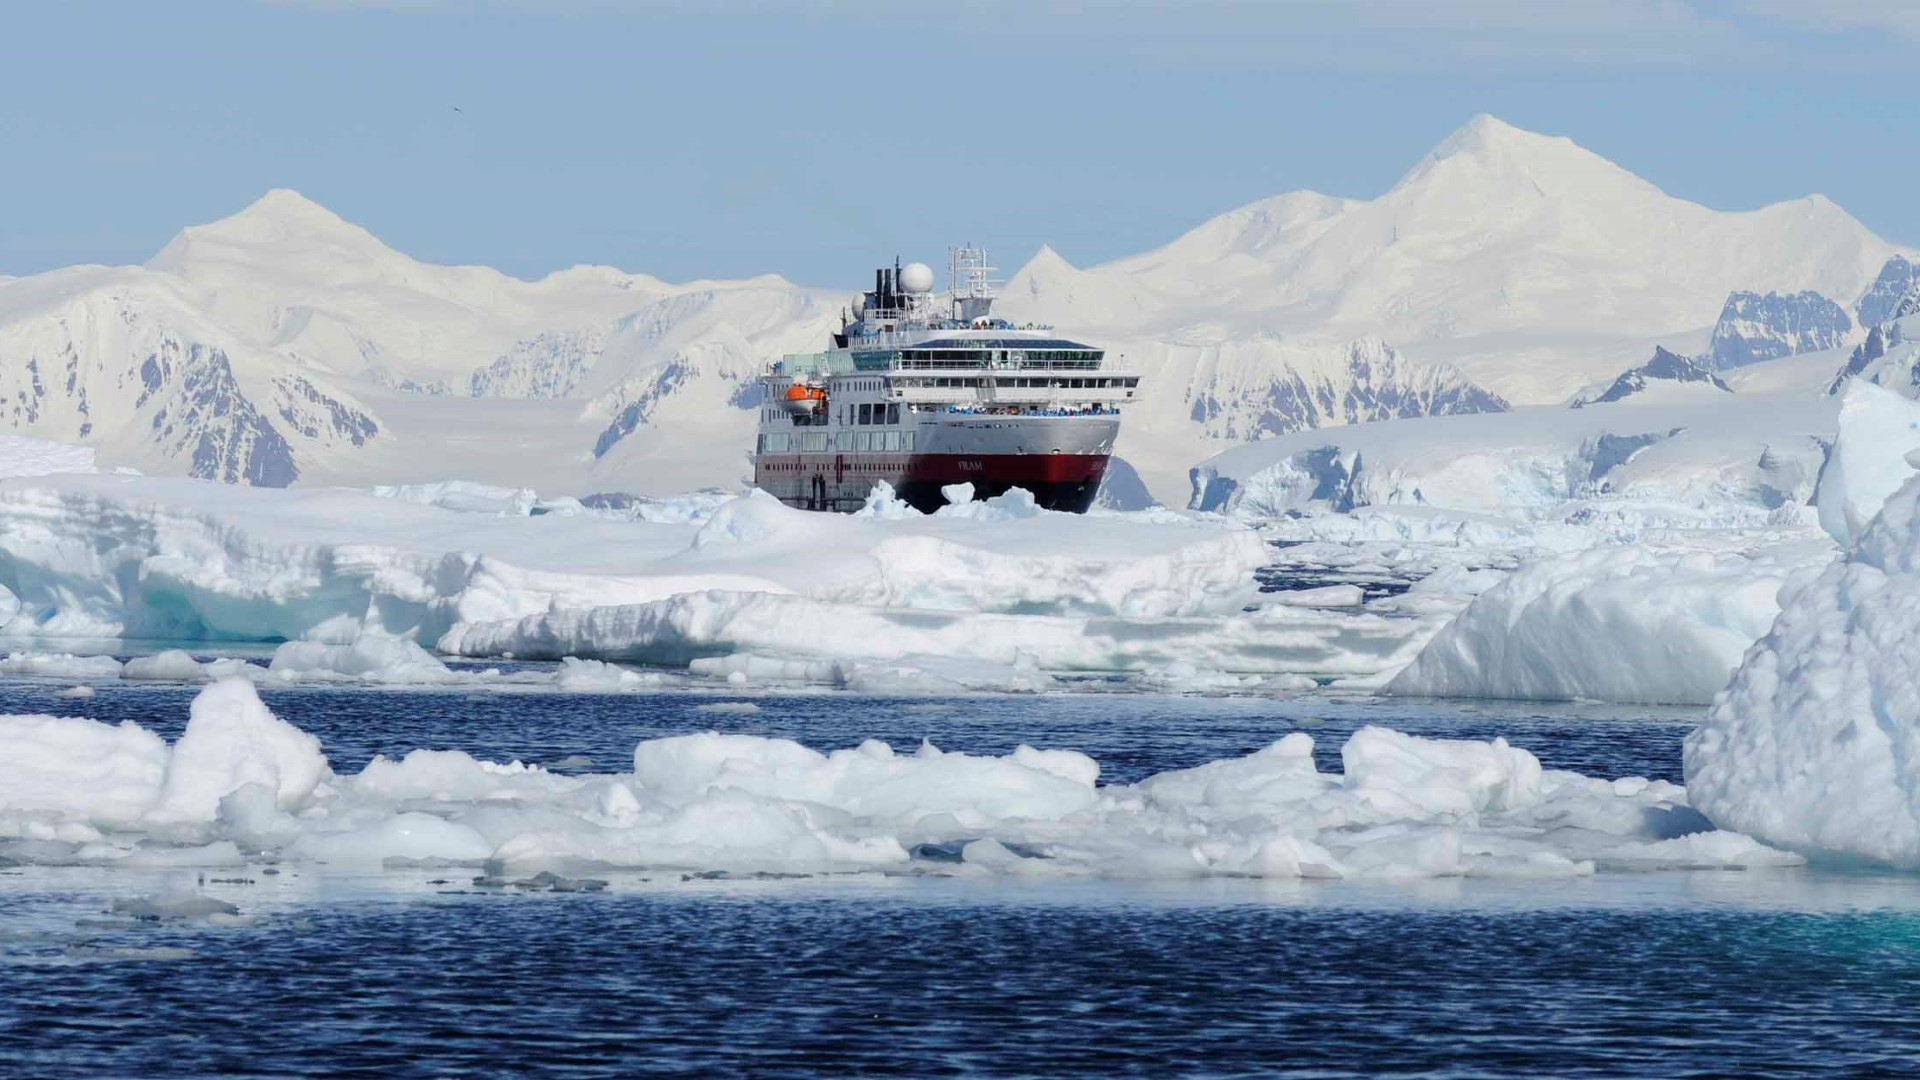 the-gullet-marguerite-bay_ms-fram-antartika-gian-rico-willy_2500x1250